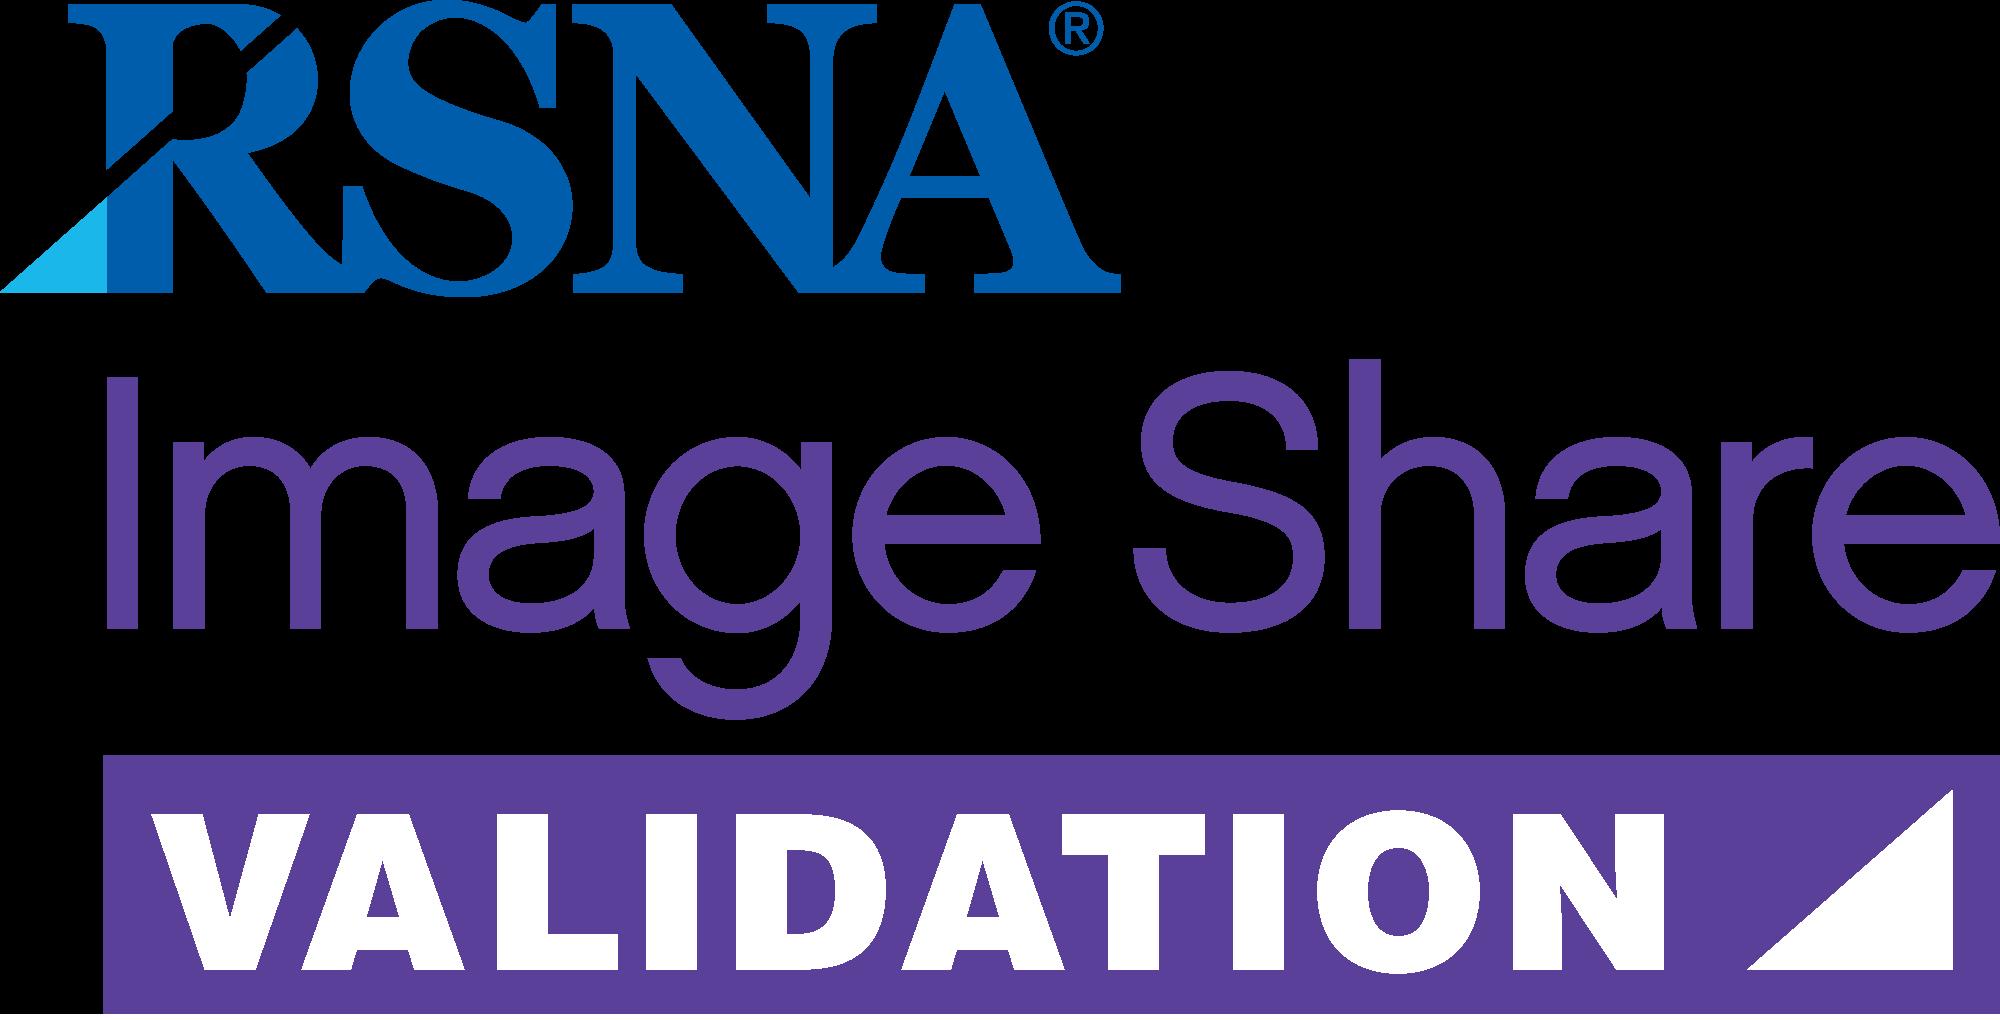 RSNA image share validation seal.png